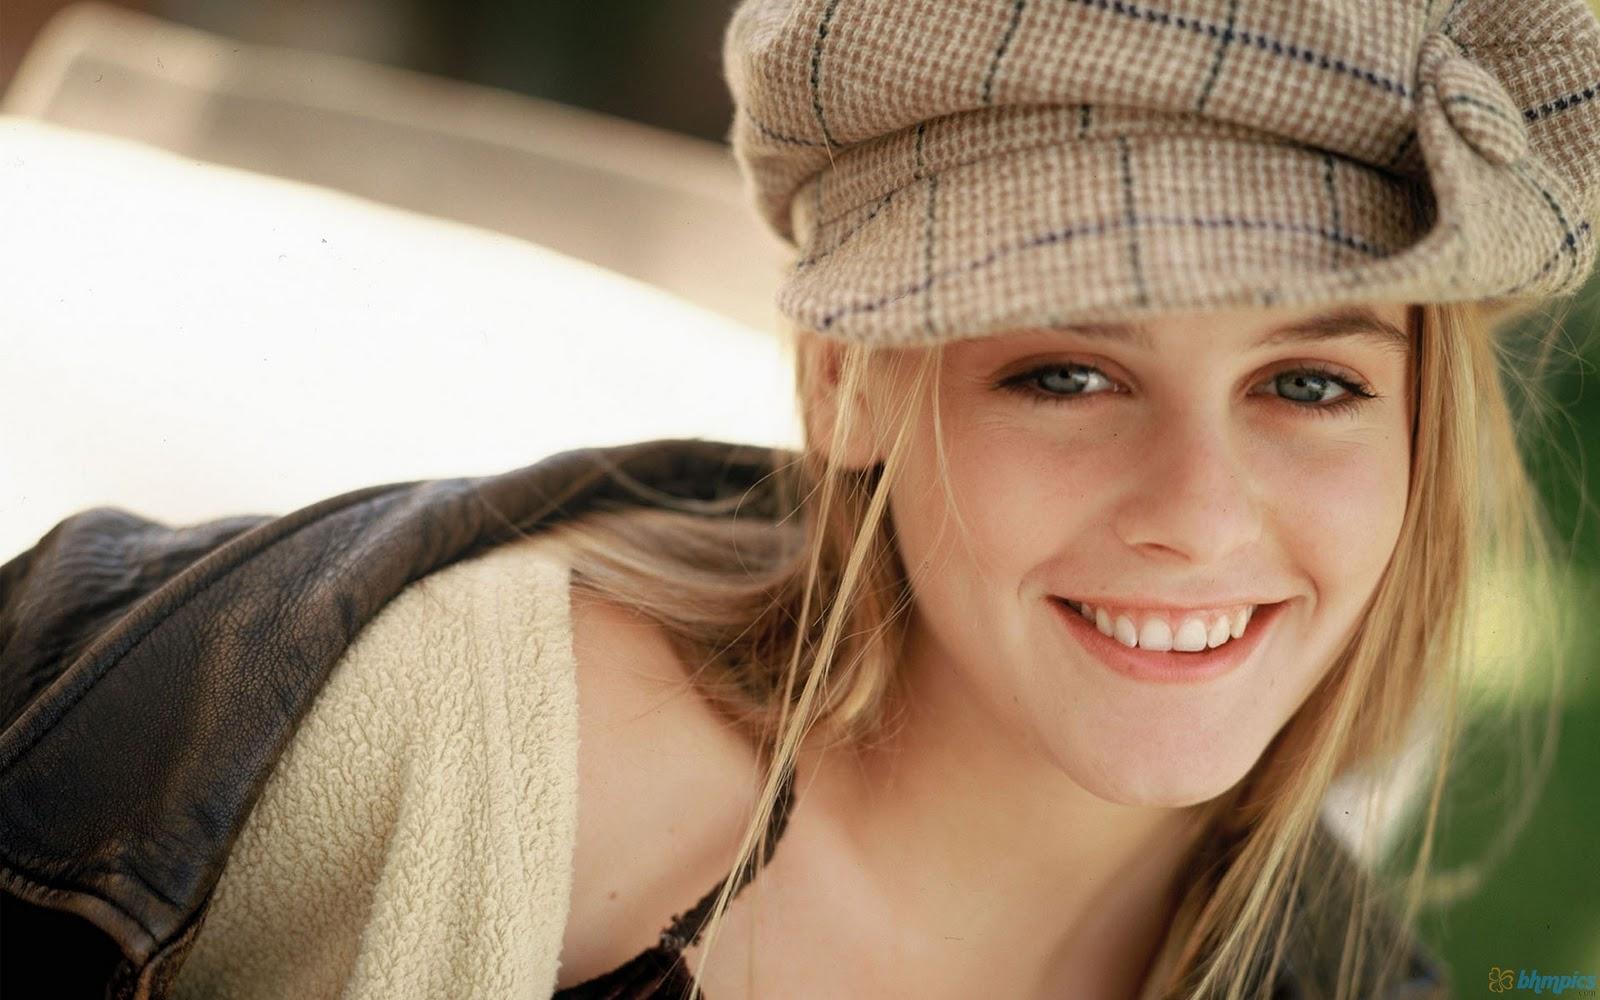 http://1.bp.blogspot.com/-UhiMPL5rb6A/Tyq42c2qUtI/AAAAAAAAAW0/SuJSYKl5LAE/s1600/cute_alicia_silverstone-1920x1200.jpg